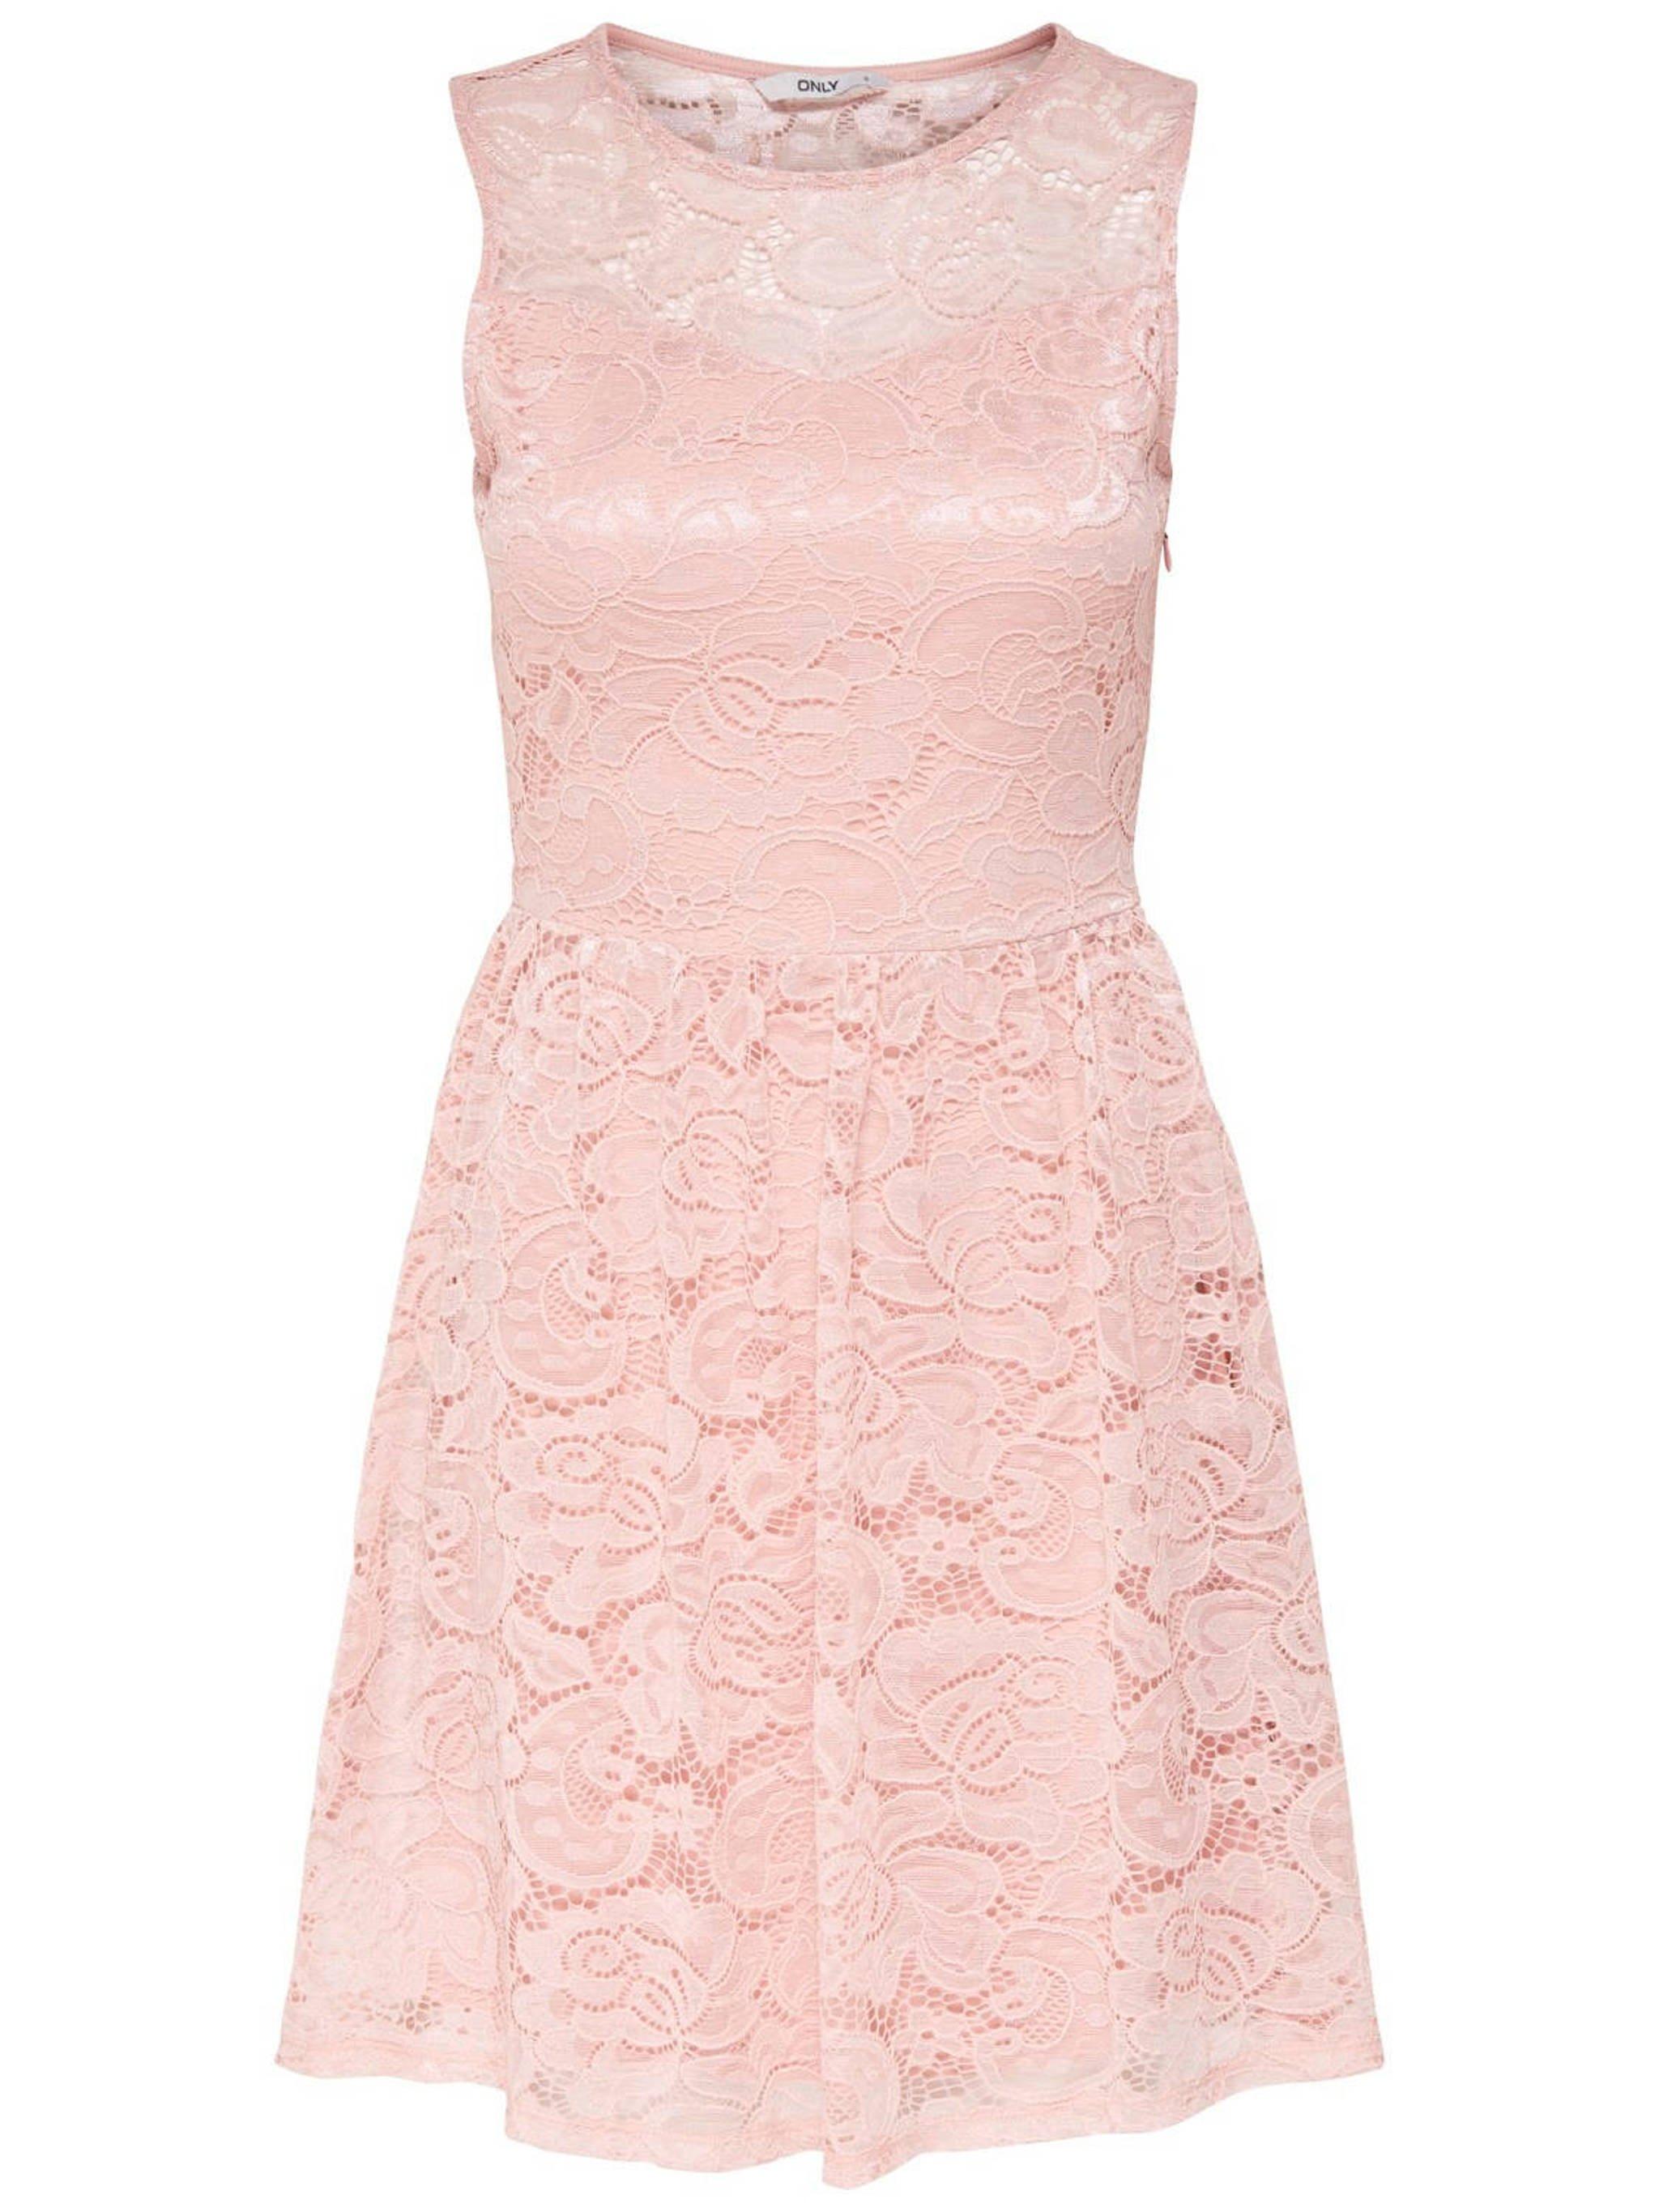 Nieuw ONLY kanten jurk roze | wehkamp HV-56